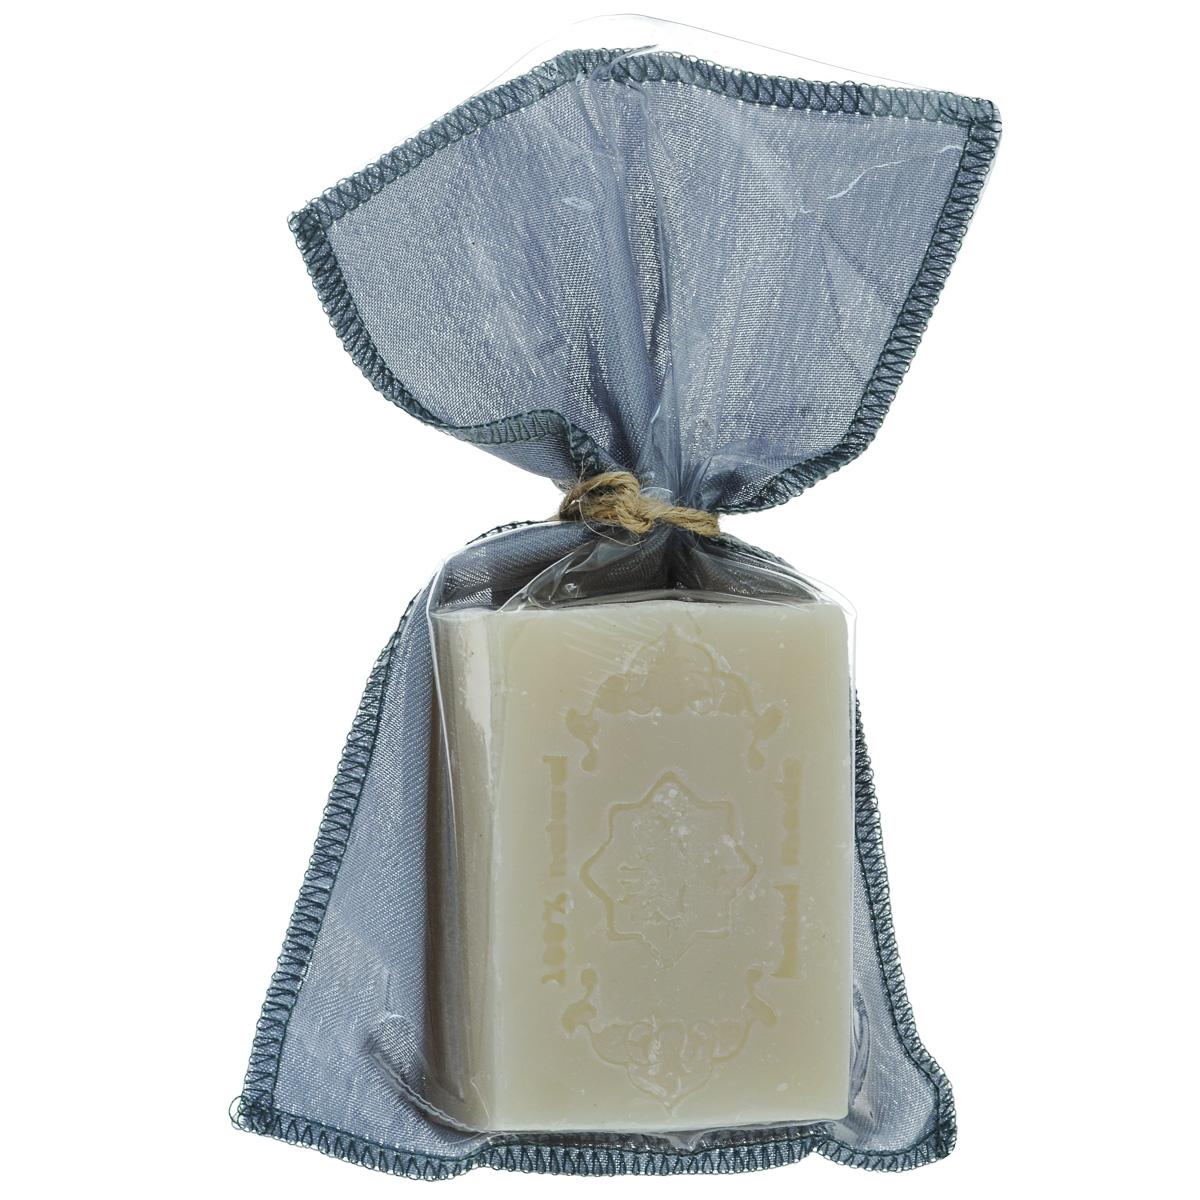 Зейтун Мыло Экстра №9, 100% оливковое, 110 гZ1109Прекрасное натуральное мыло приготовлено на 100 % из чистейшего пищевого оливкового масла первого отжима, которое по праву считается одним из лучших масел, а его благоприятное воздействие на организм и кожу проверено веками; также его называют секретом средиземноморской красоты и здоровья. Натуральное оливковое мыло прекрасно смягчает и увлажняет кожу, обладает регенерирующим действием.